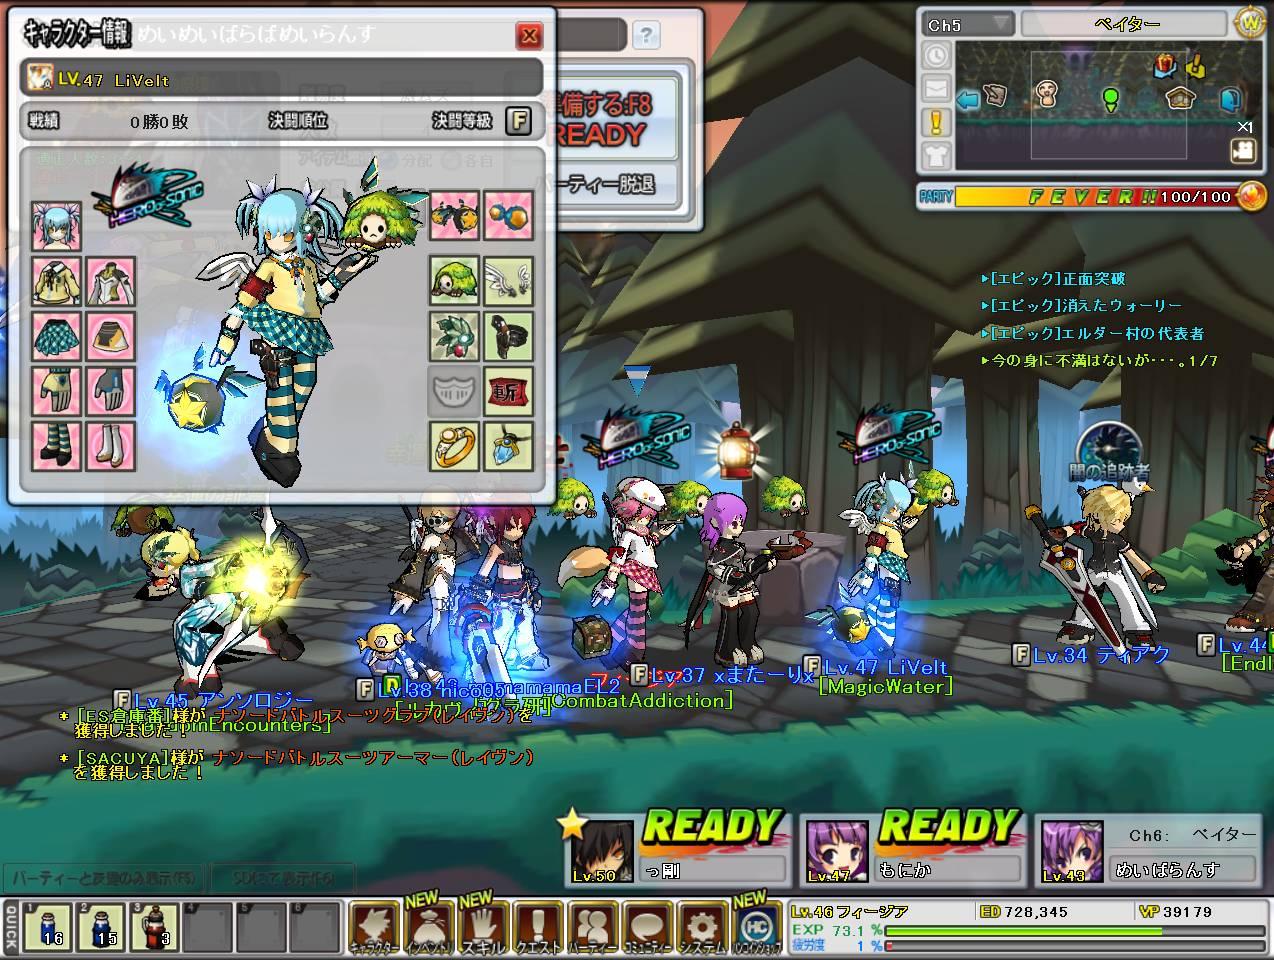 SC_2010_12_24_23_45_25_.jpg